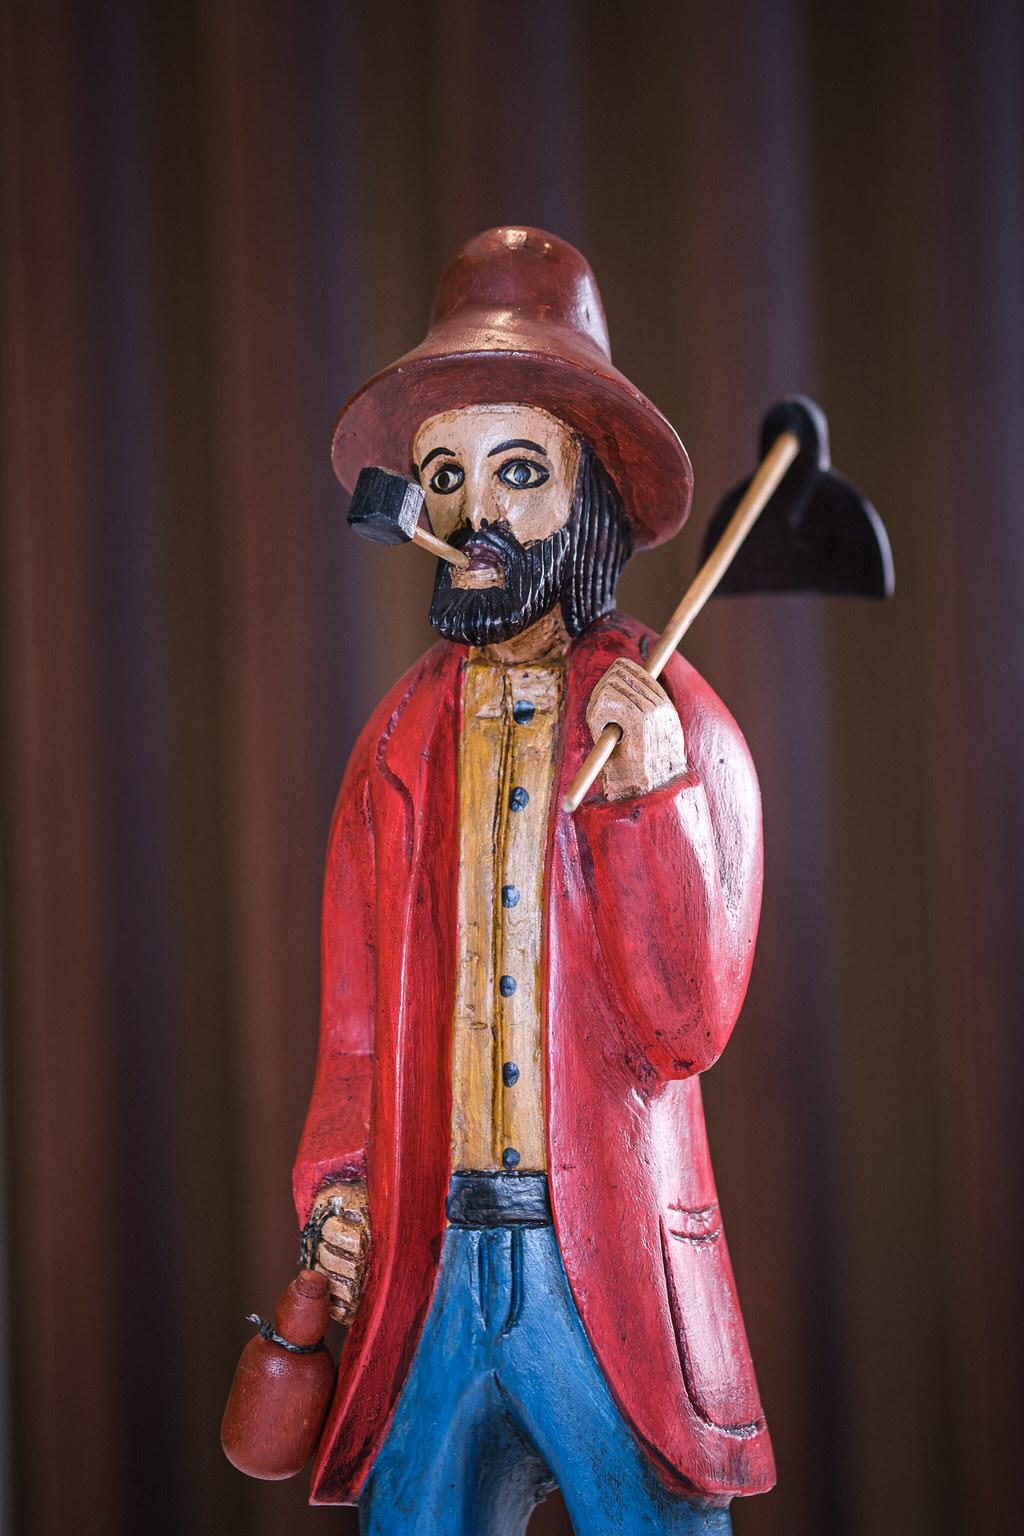 Escultura homem da roça em Madeira - Casaco Vermelho